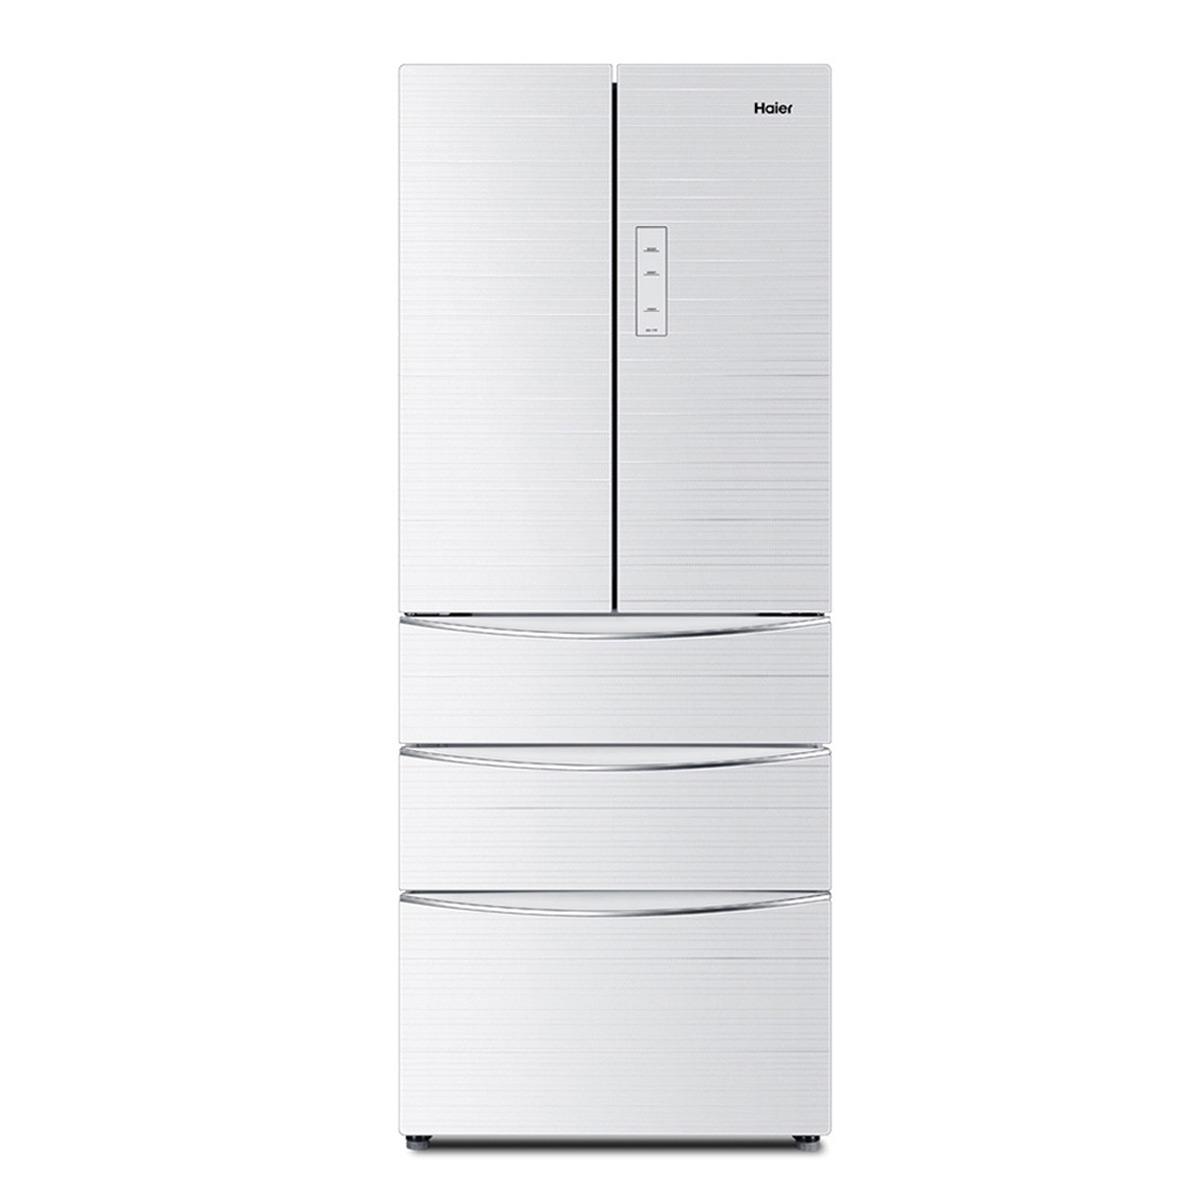 海尔Haier冰箱 BCD-343WDCM 说明书